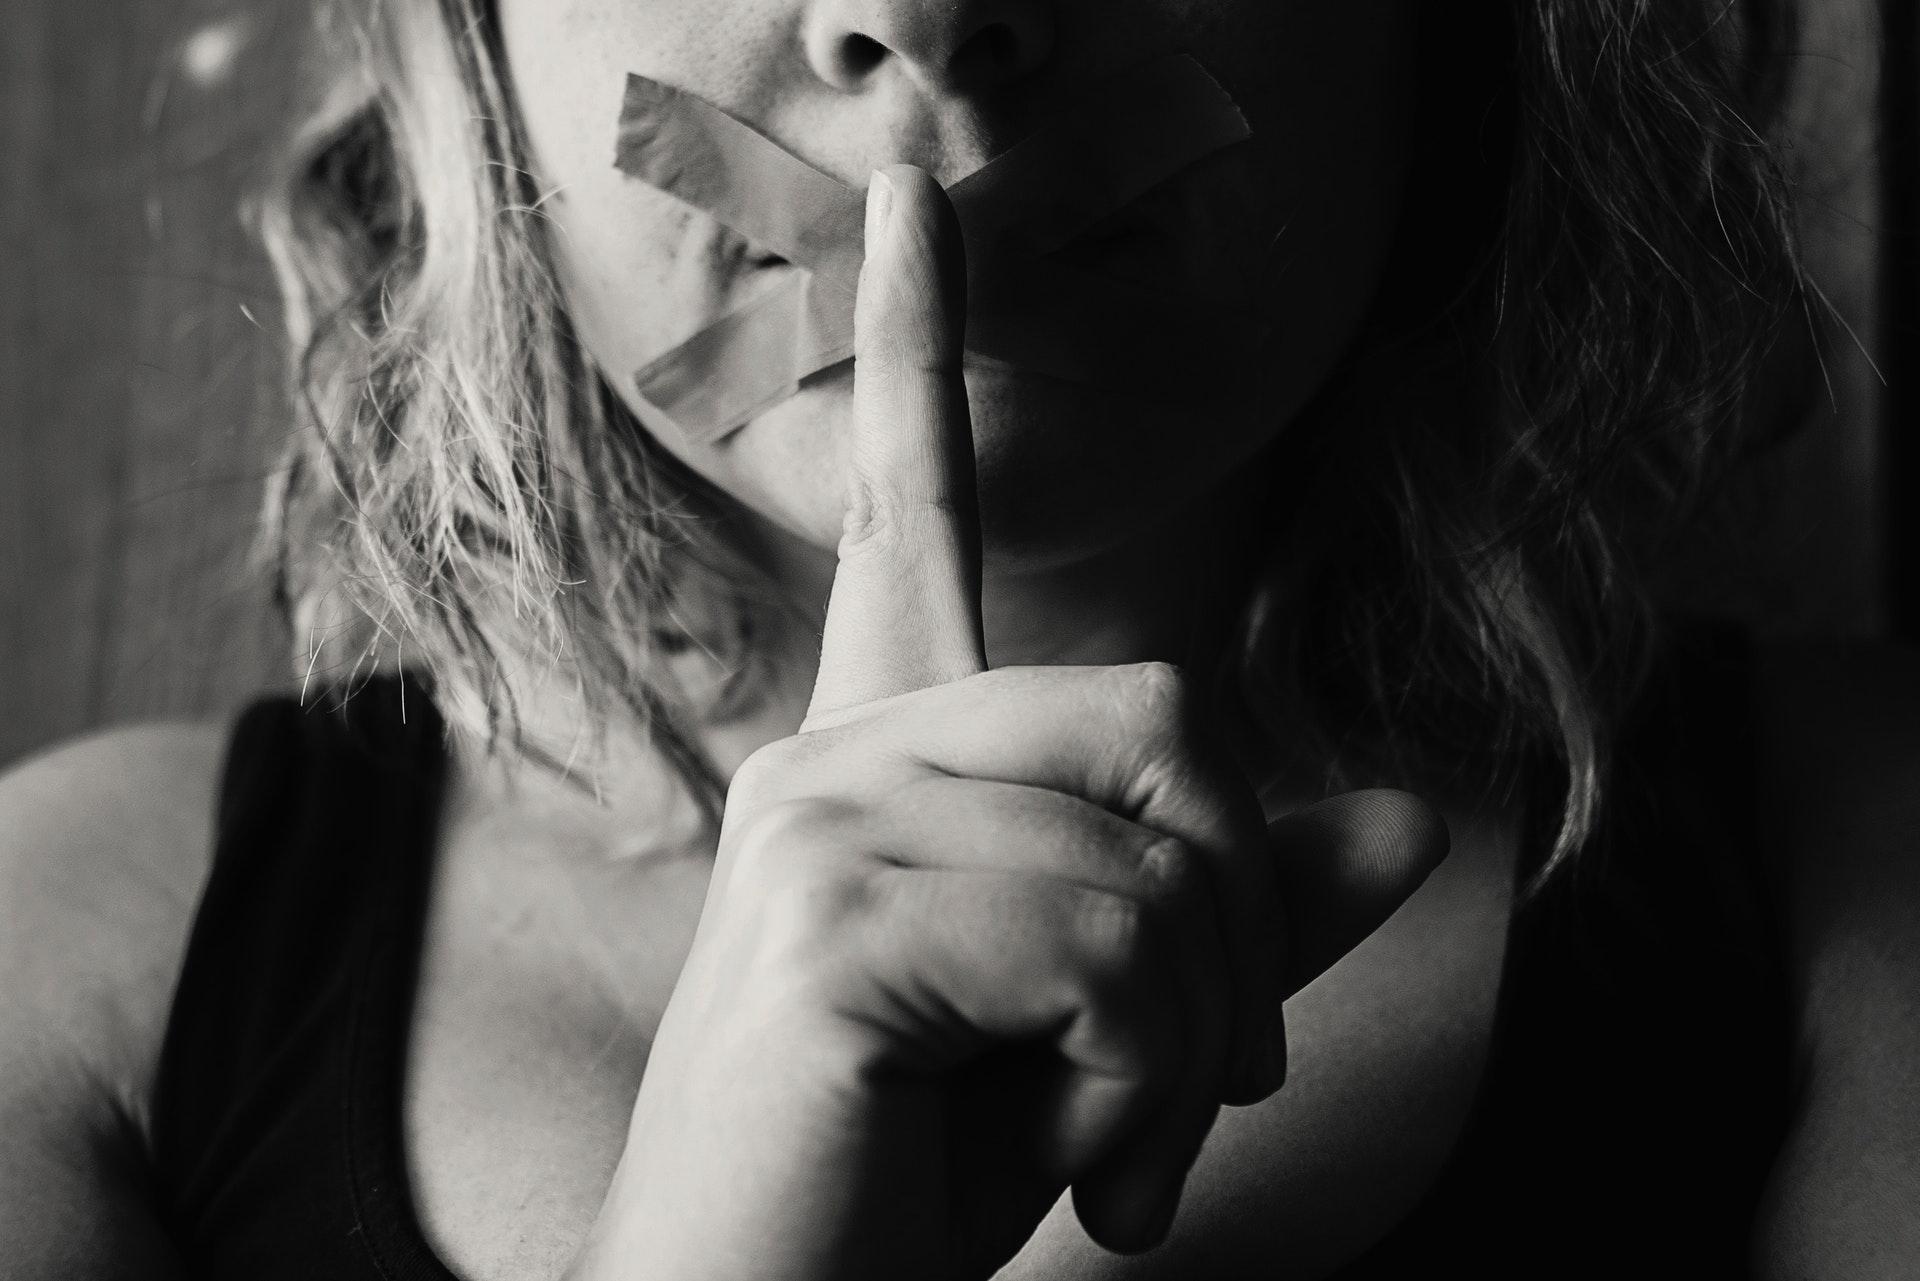 Субаренда в тайне от собственника: как проверить и что делать?